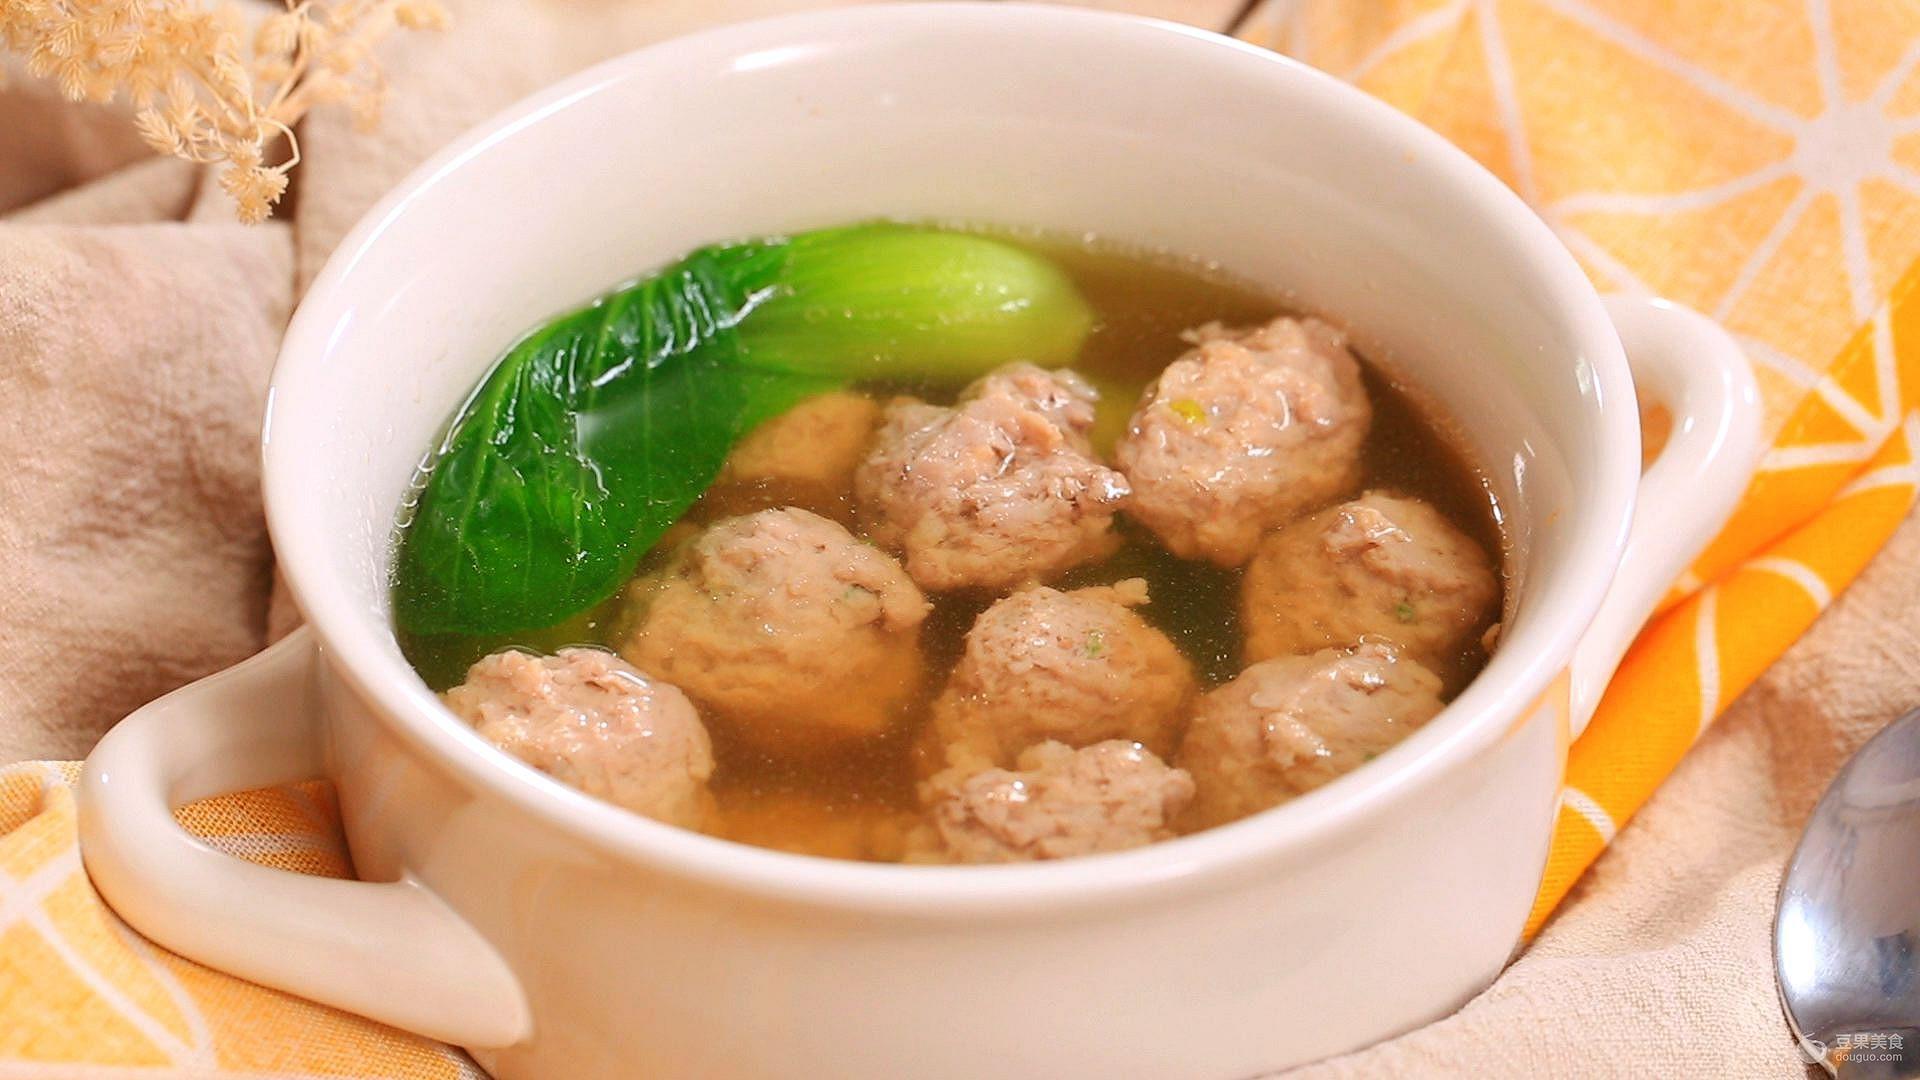 丸子糯米汤的猪肉做法蛋市场价图片